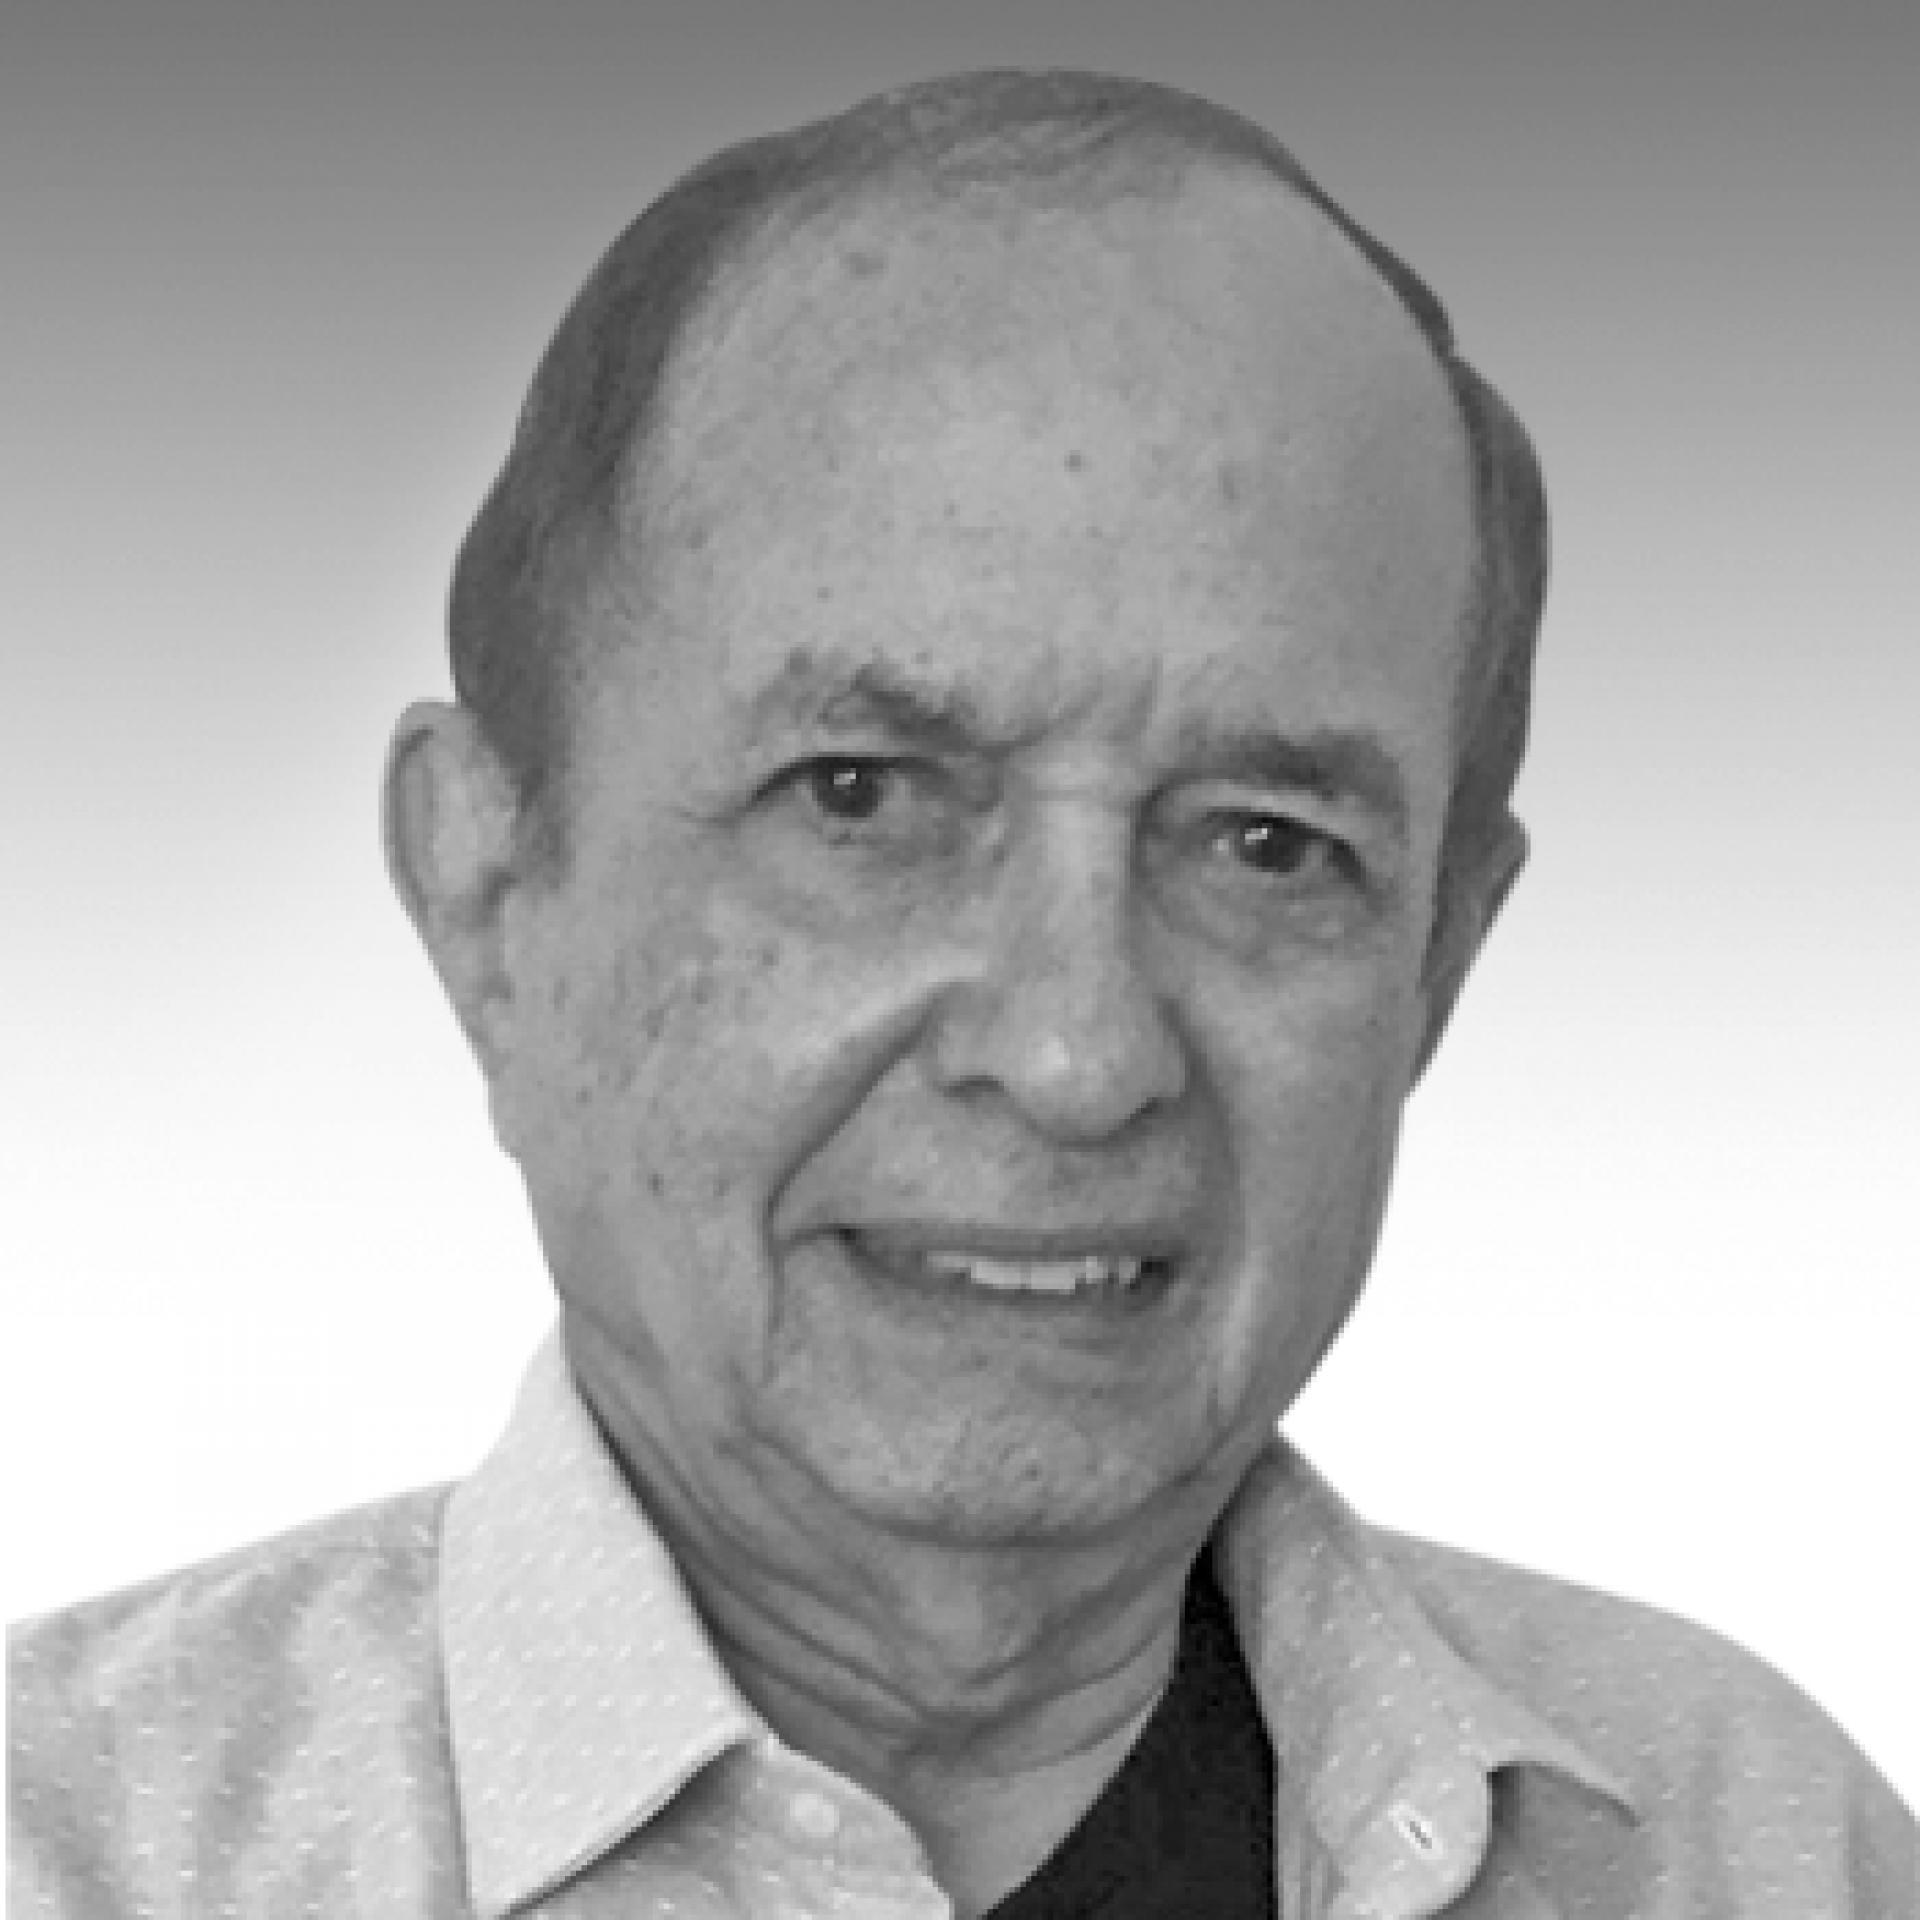 nazareno albuquerque